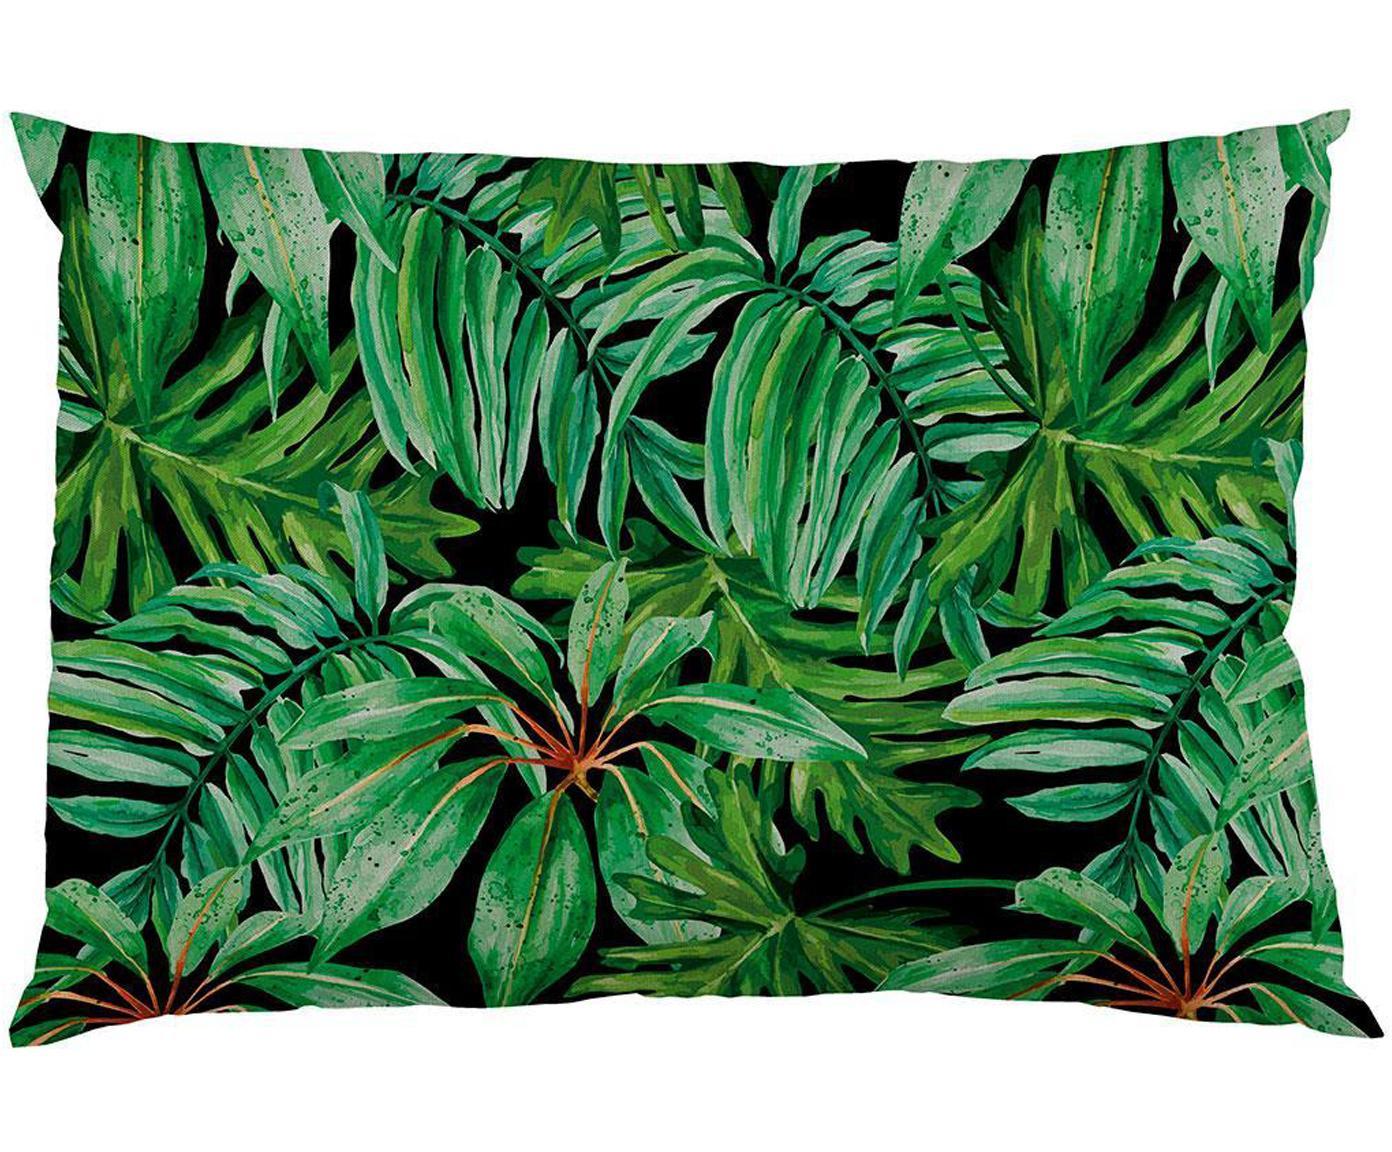 Cojín de exterior Maldivas, con relleno, Funda: fibra acrílica con teflon, Multicolor, An 30 x L 45 cm